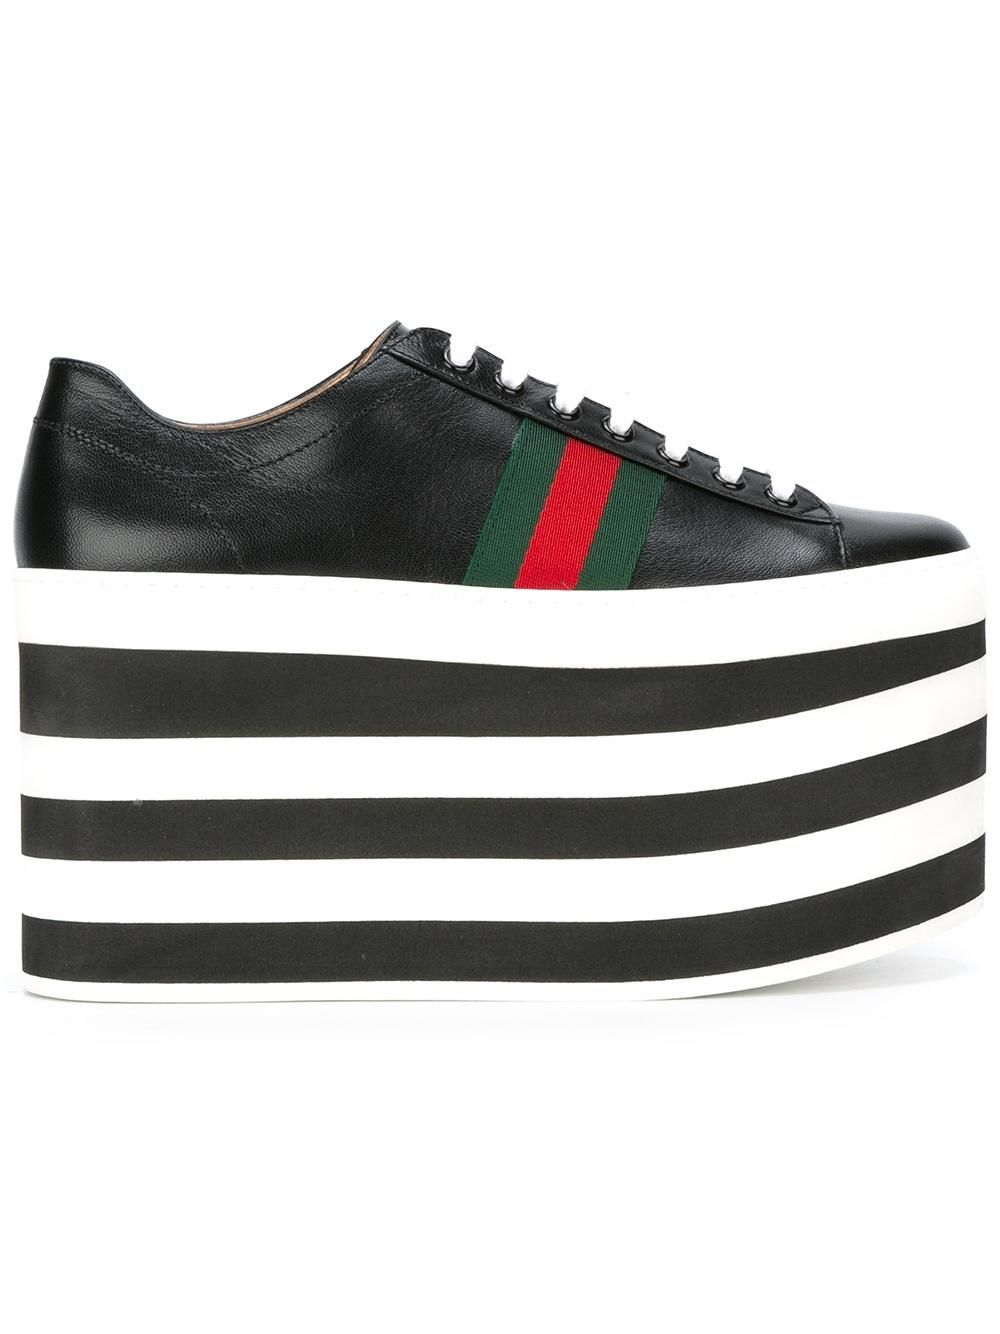 Gucci zapatillas bajas con plataforma plana en 2019